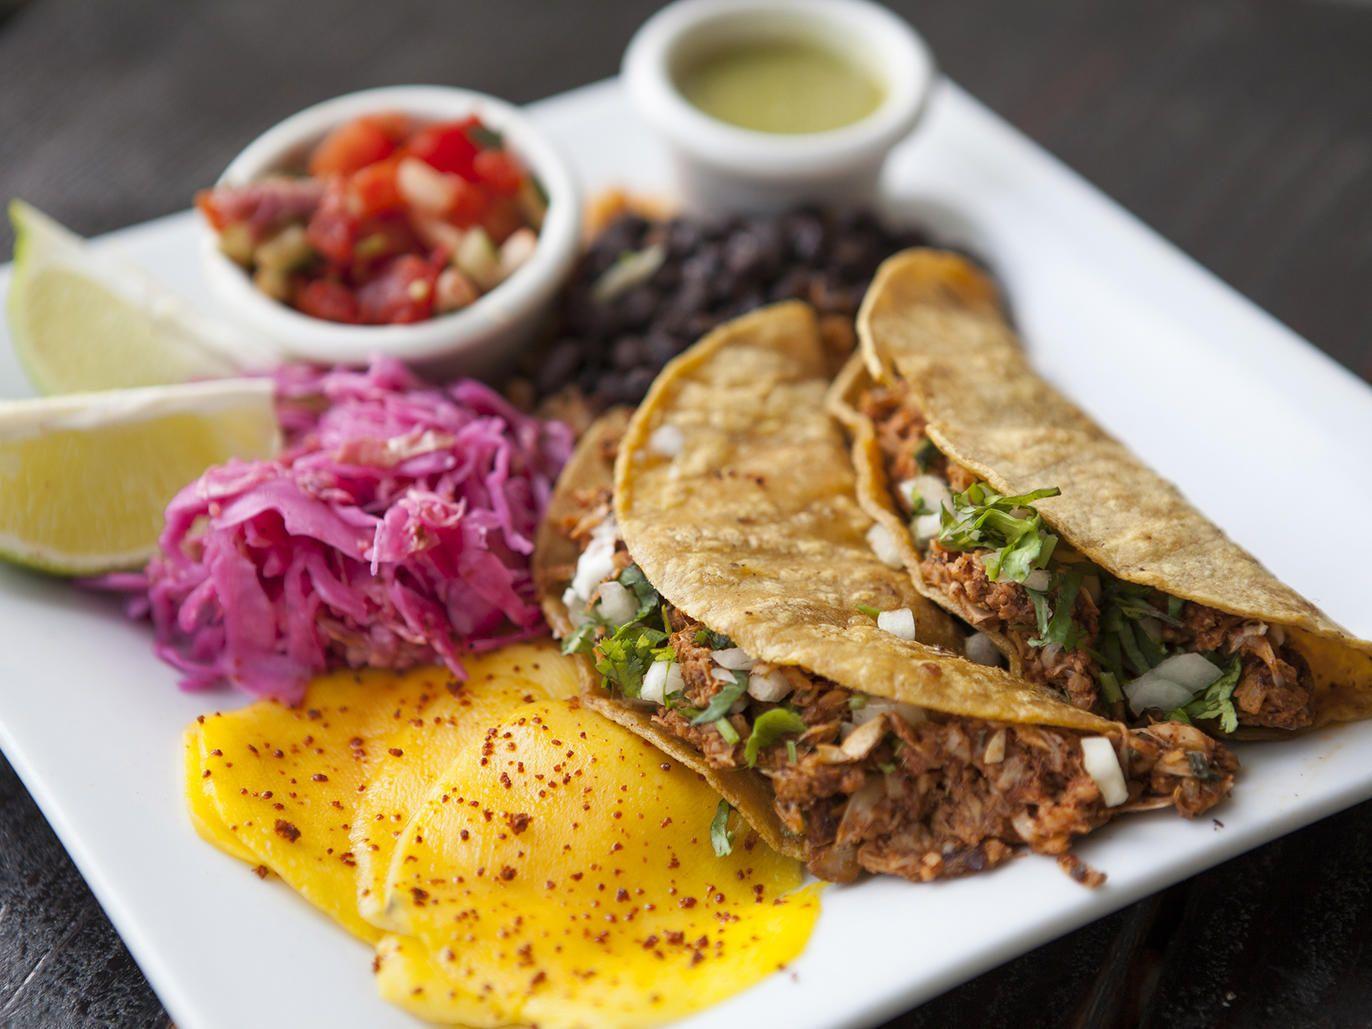 The Best Vegan Restaurants In Los Angeles Best Vegan Restaurants Bistro Food Vegan Restaurants